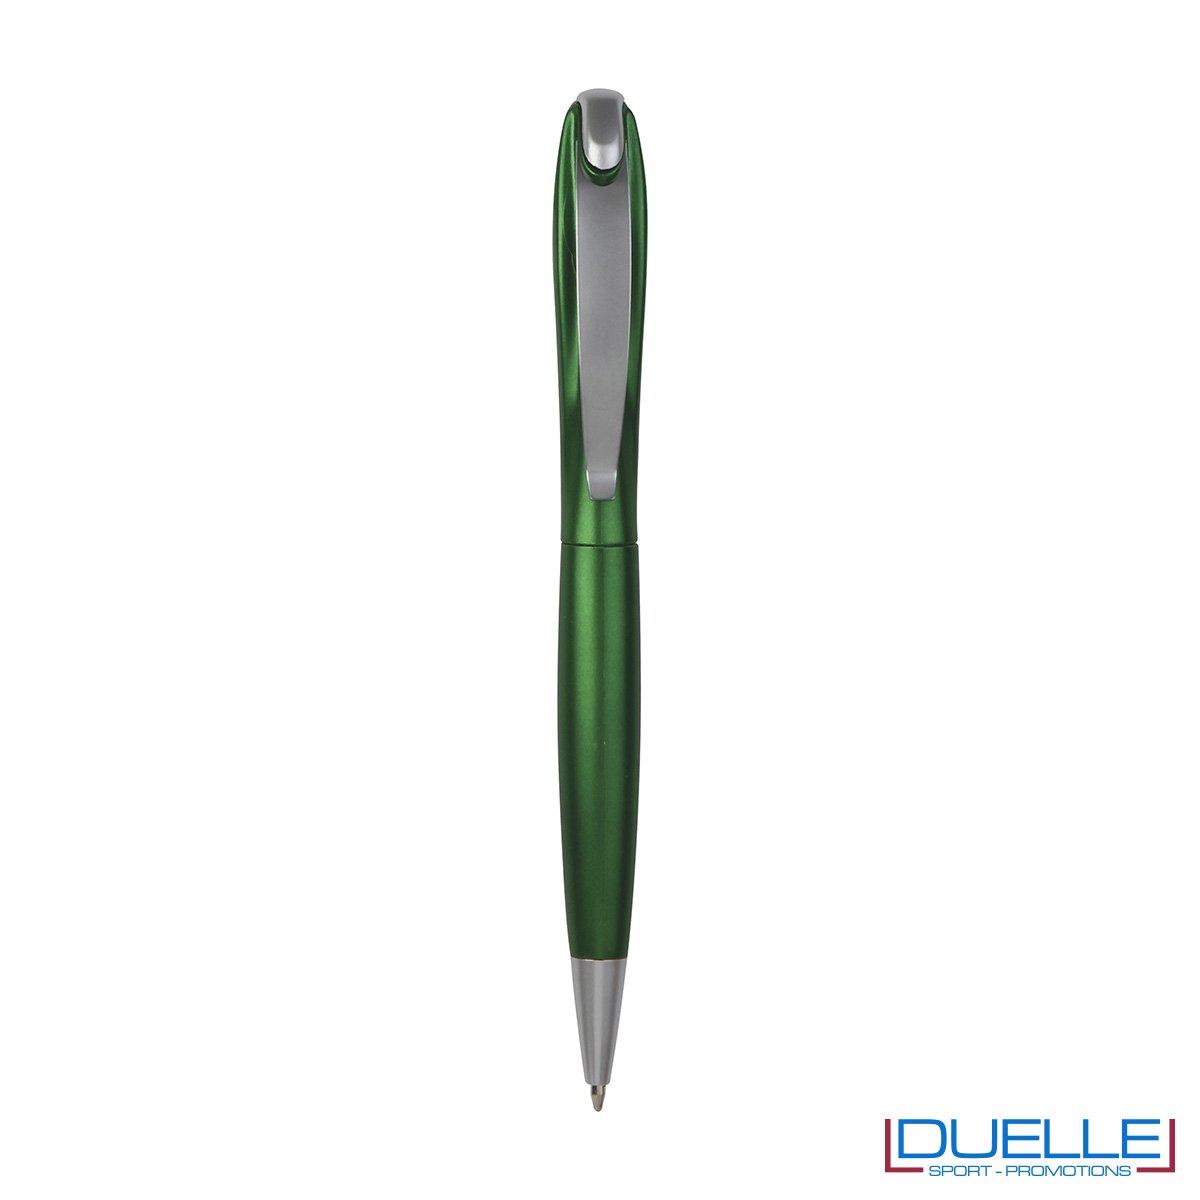 Penna a sfera in plastica colorata con effetto metalizzato e sistema di chiusura a rotazione.